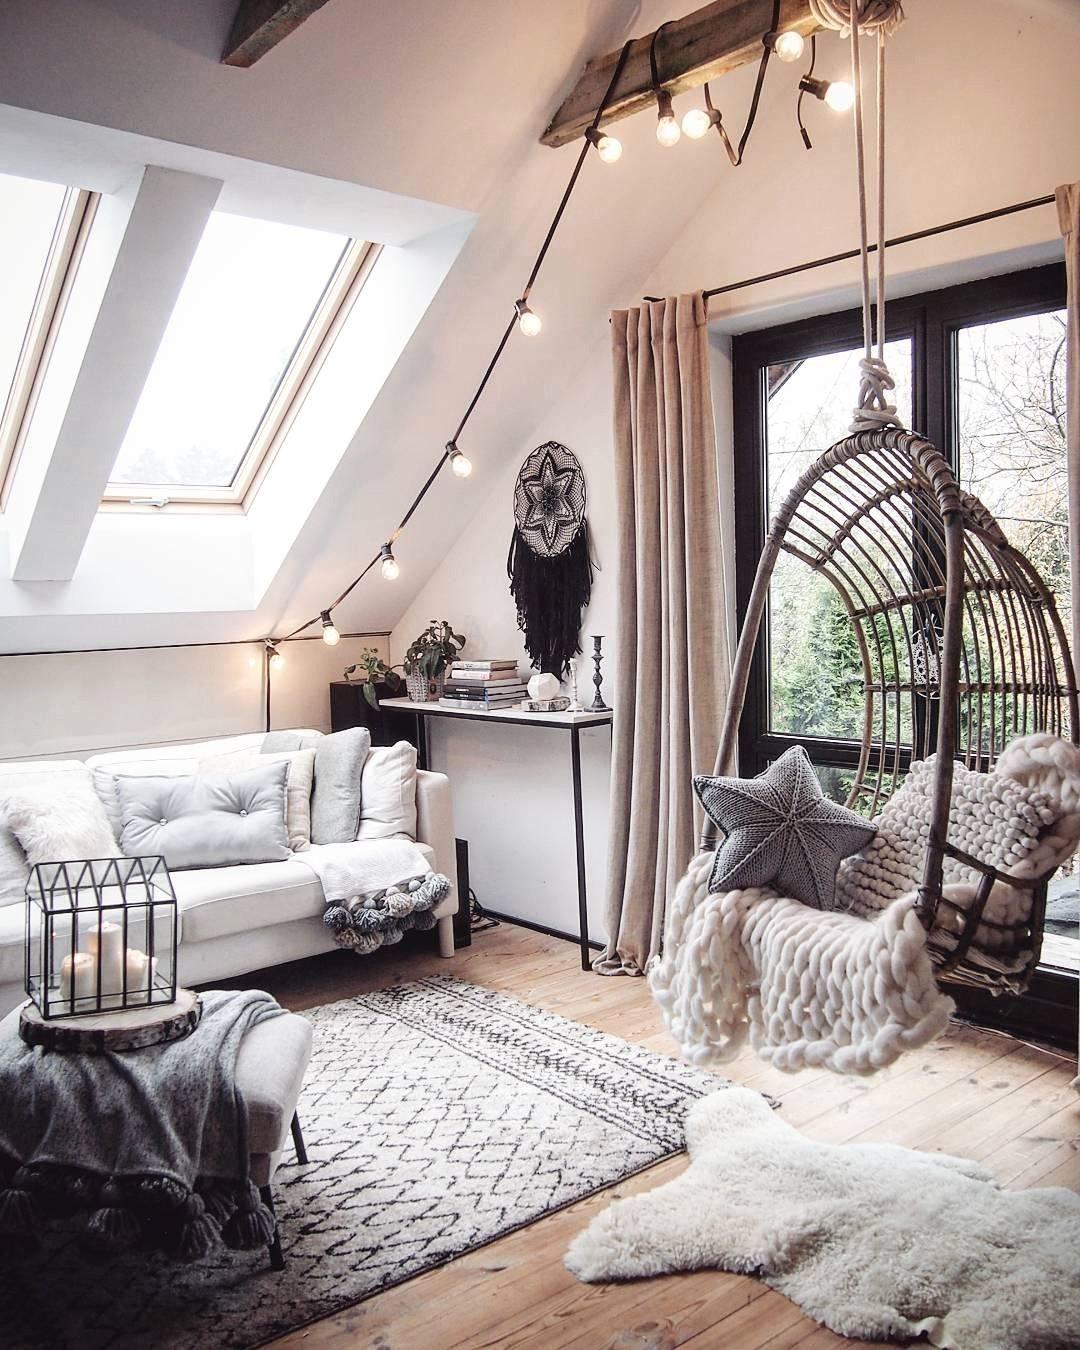 12 Frisch Wohnzimmer Deko Lichterkette Tumblr zimmer